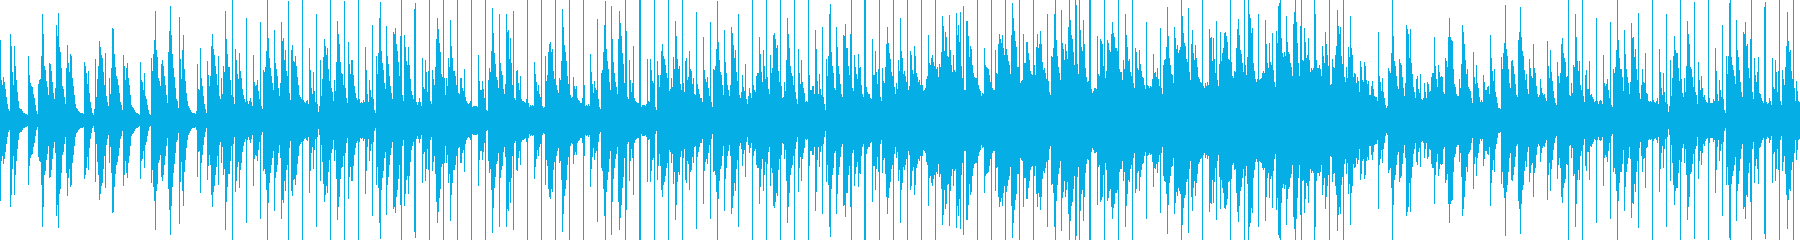 キャッチーなメロディーとリズミカル...の再生済みの波形